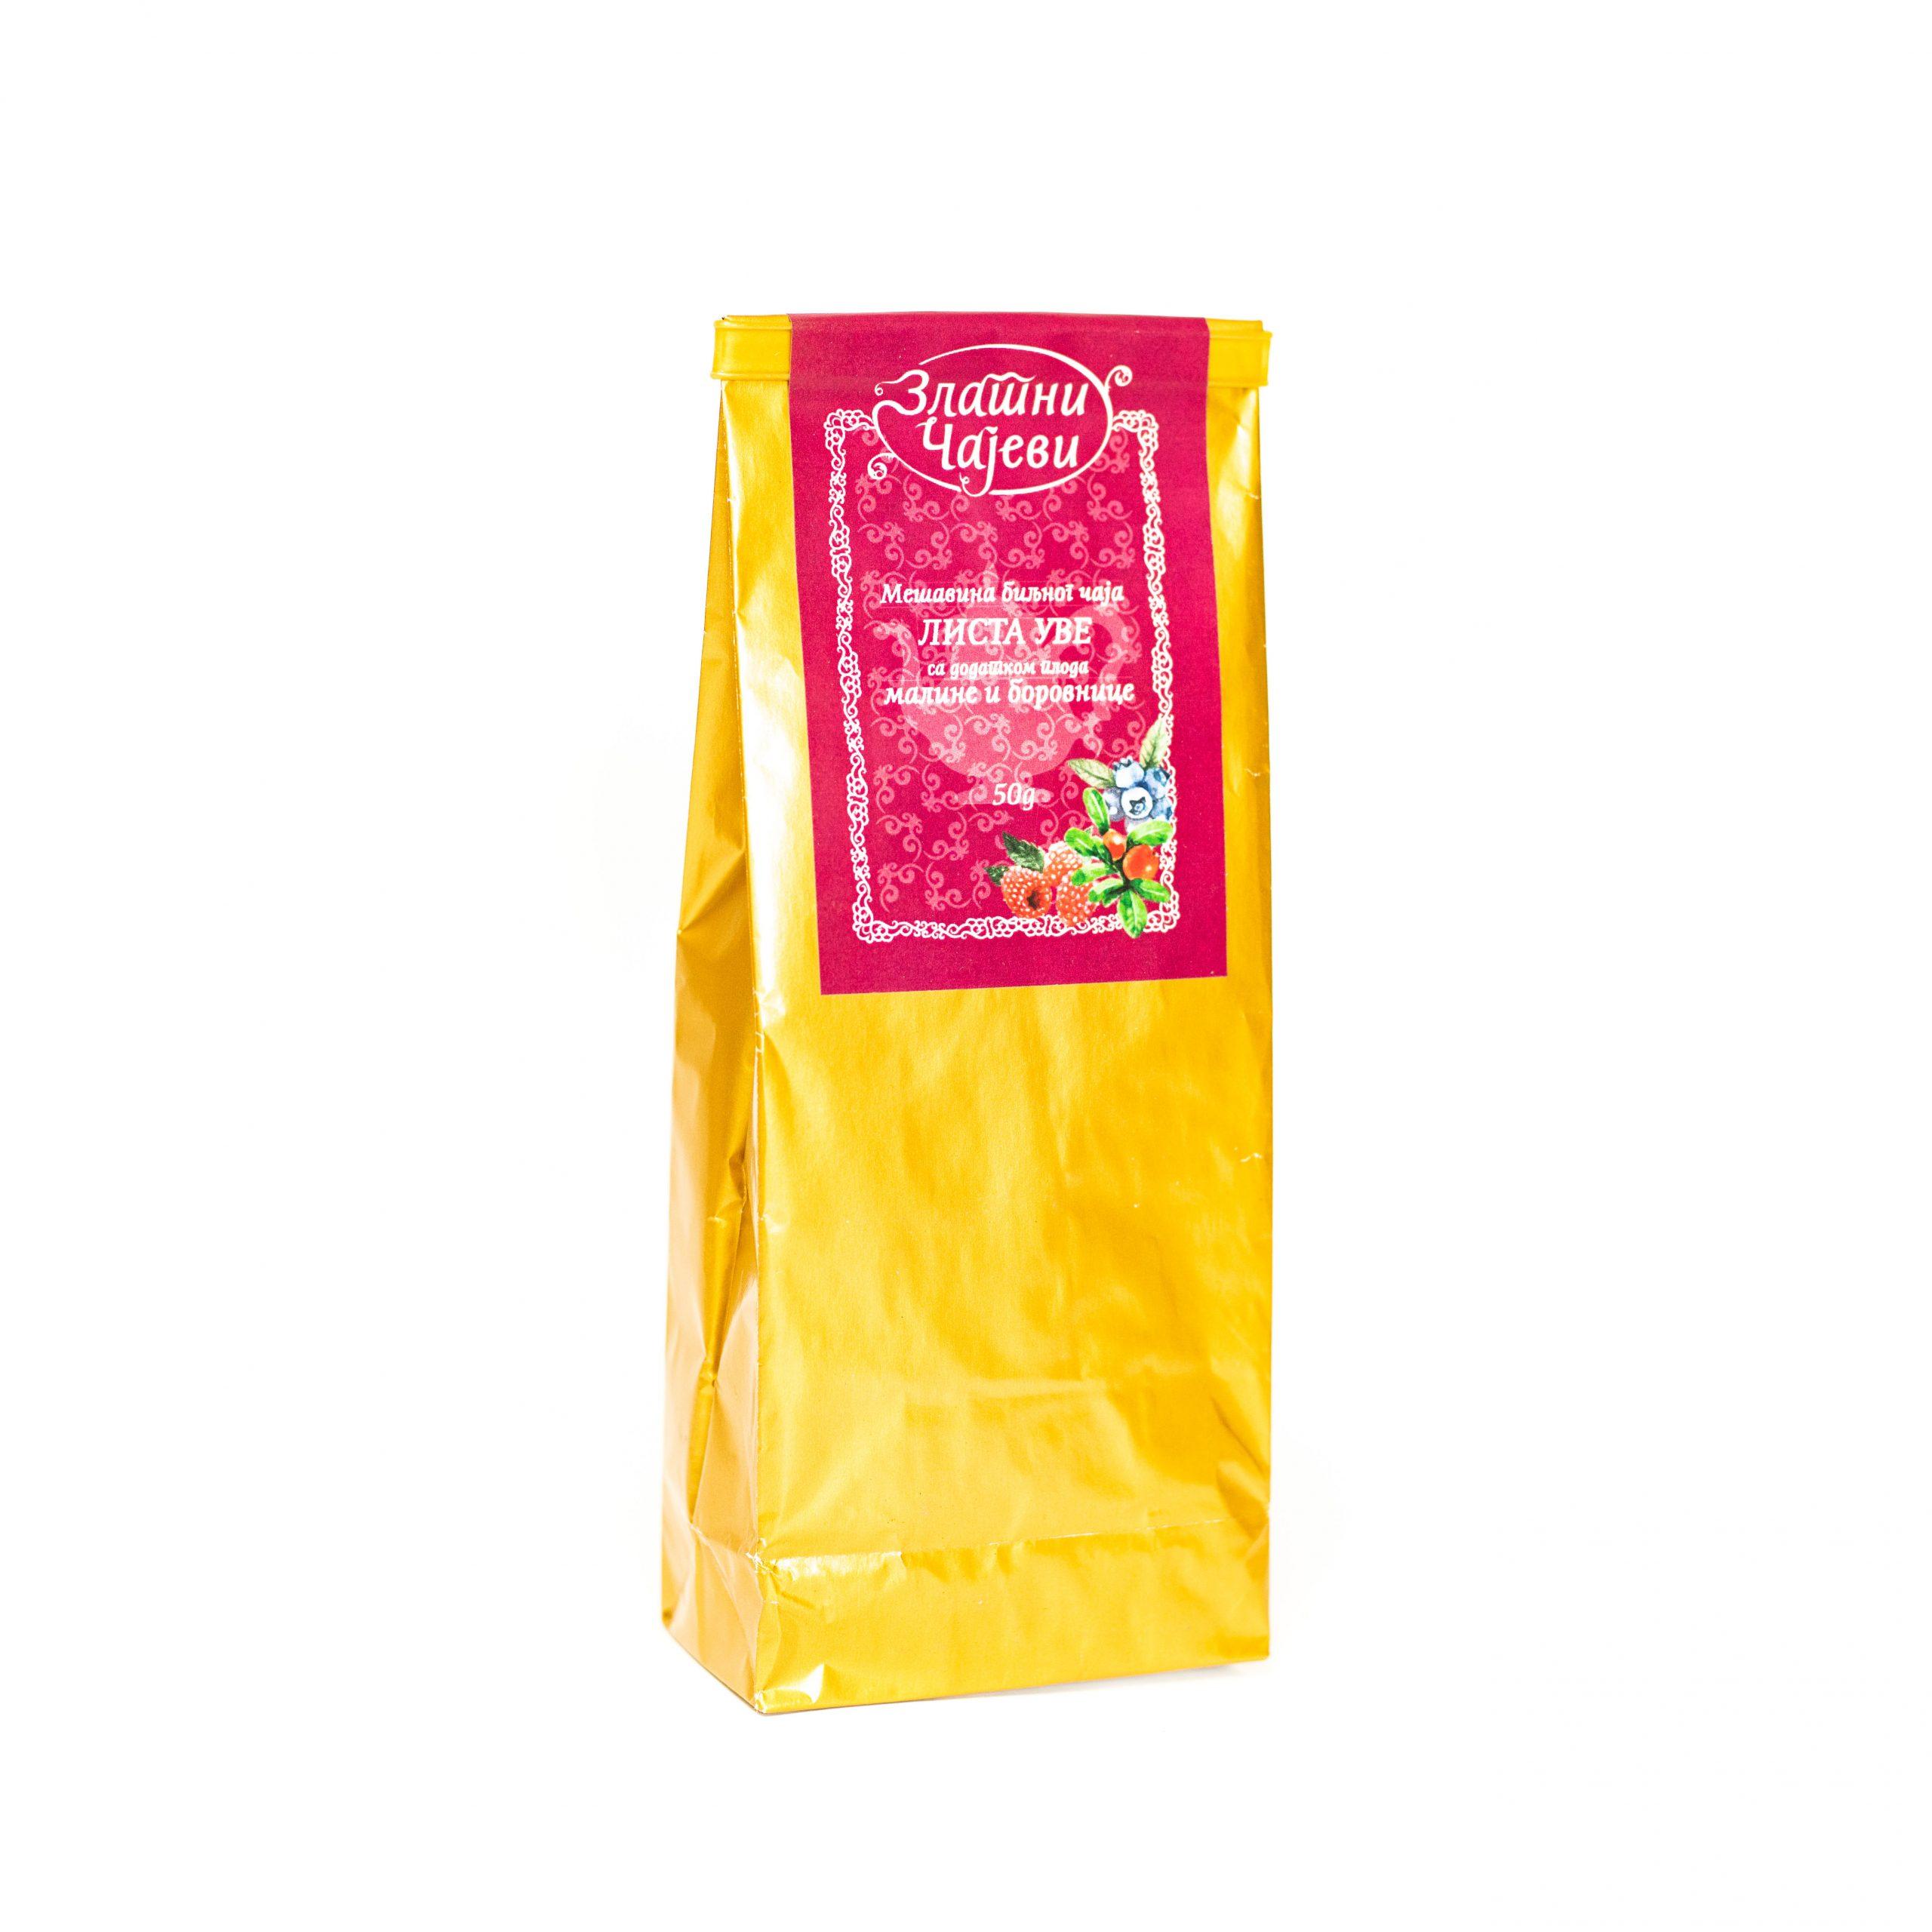 Biljni čaj lista uve 50g Zlatni Čajevi